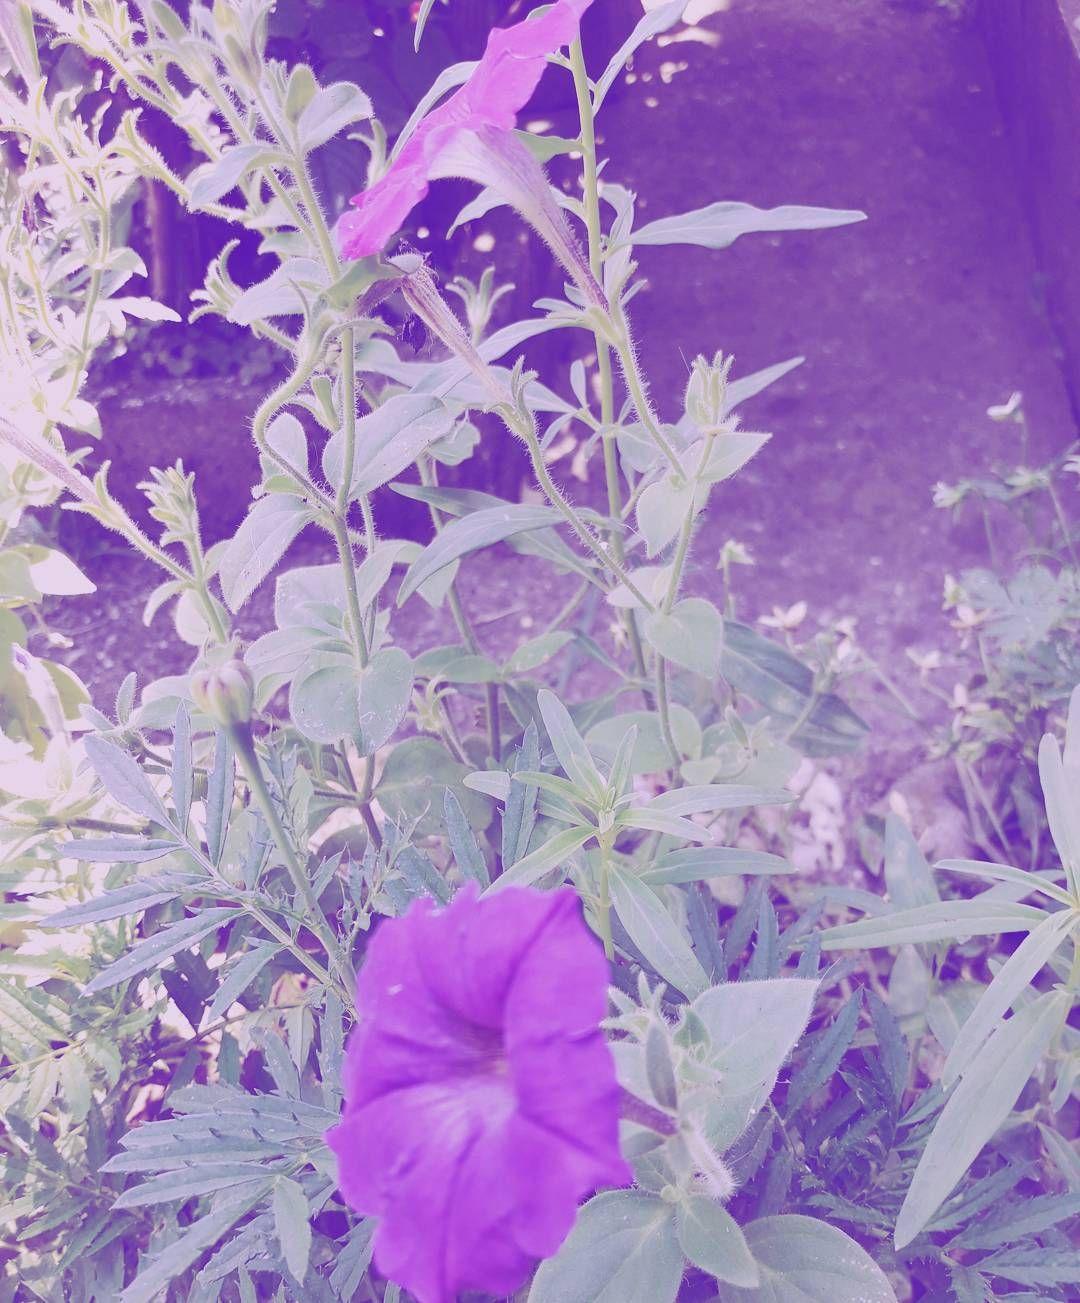 Pin By Socialdisfunction On V01l3t Purple Flowers